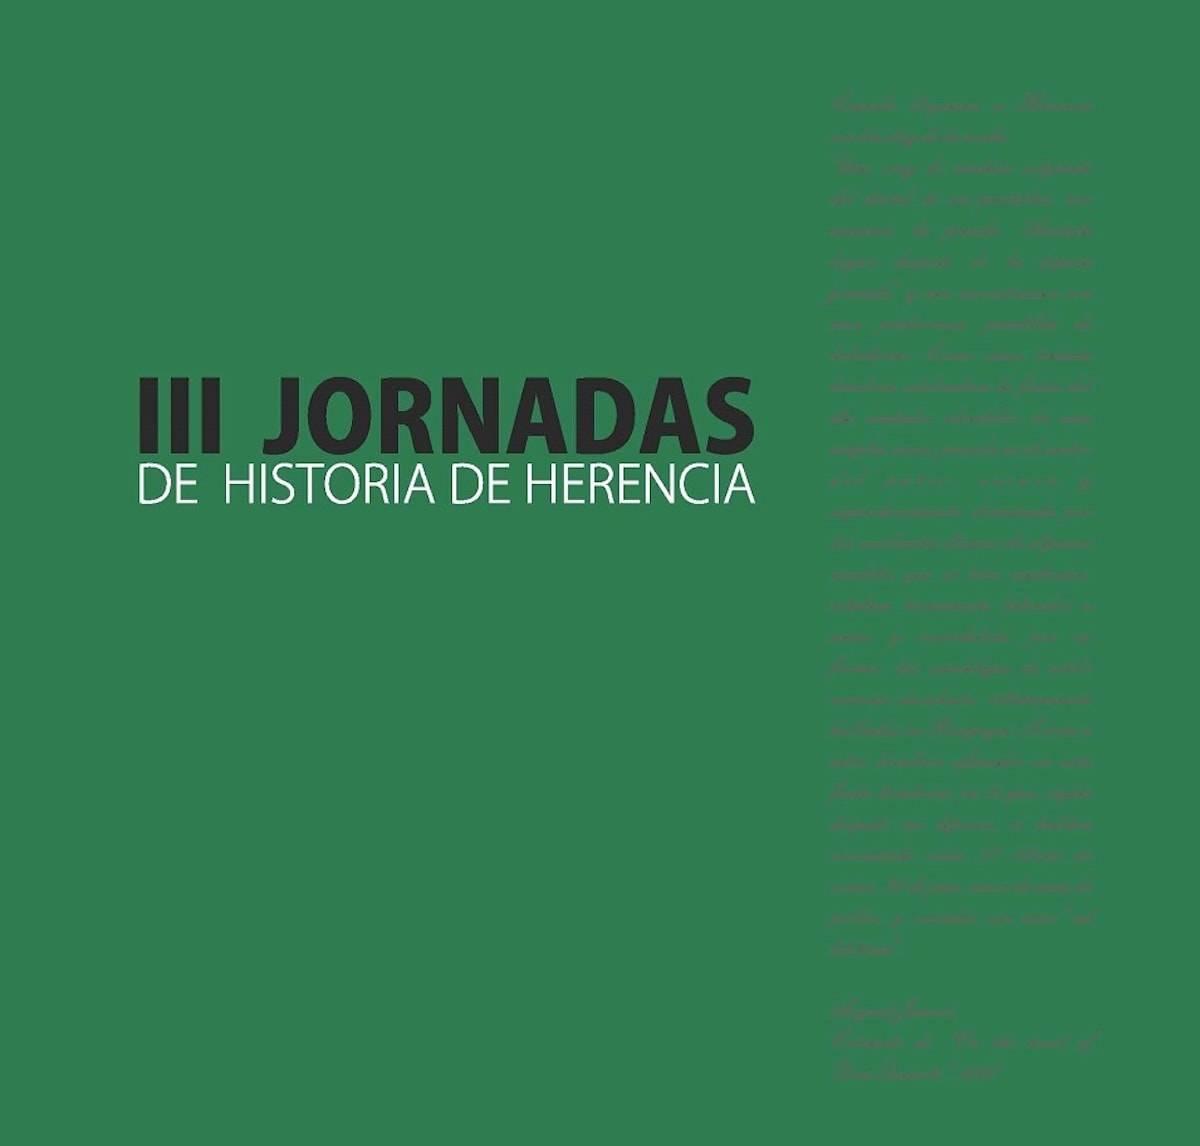 III jornadas de Historia de Herencia - A la venta el libro de las terceras jornadas de historia de Herencia